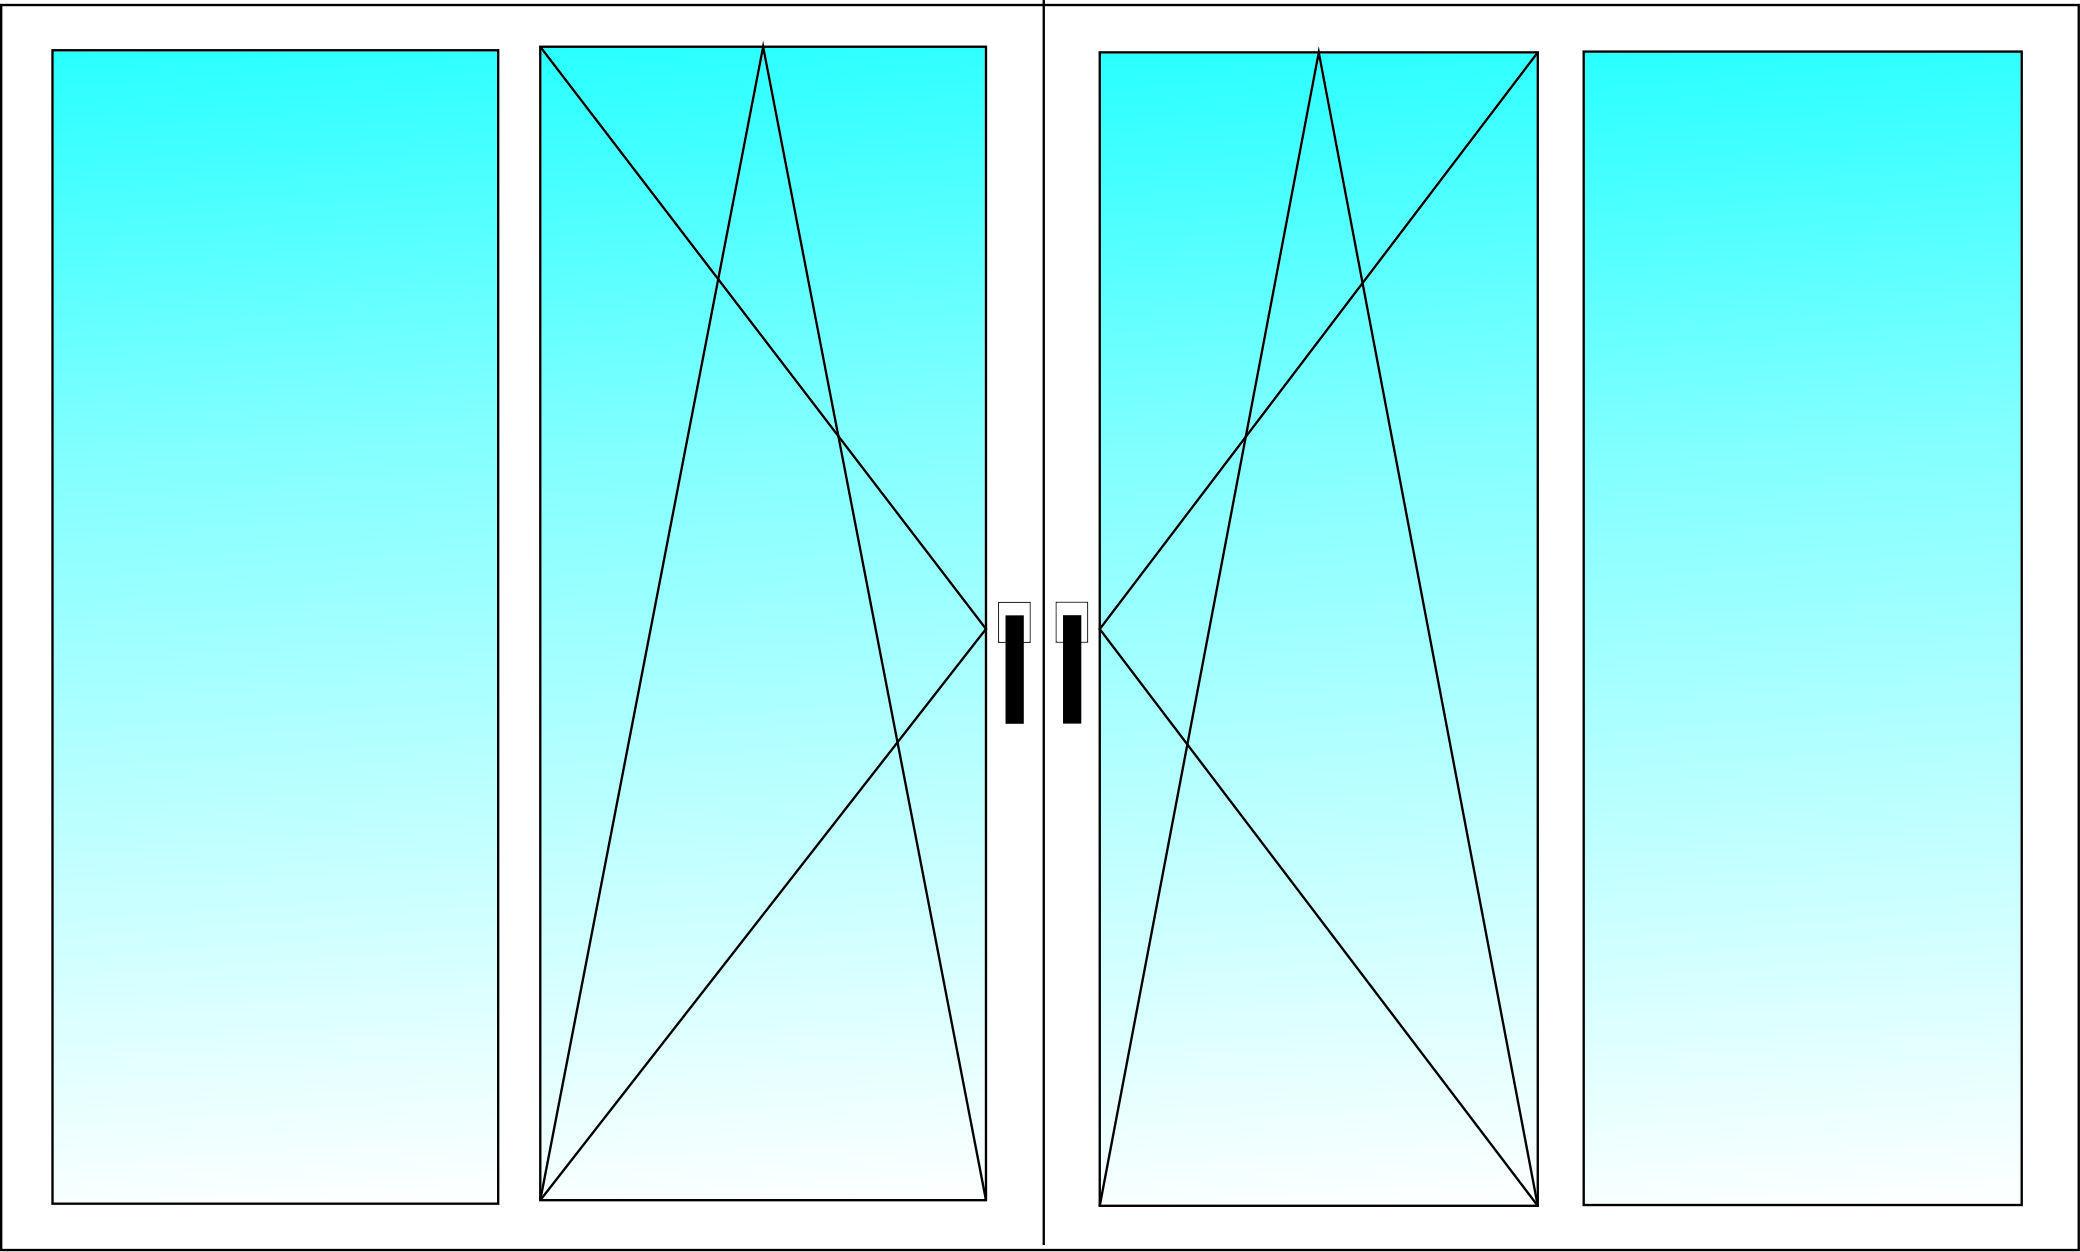 Балконная рама ALUPLAST 5-ти камерный профиль с однокамерным энергосберегающим стеклопакетом 1600х2800 мм